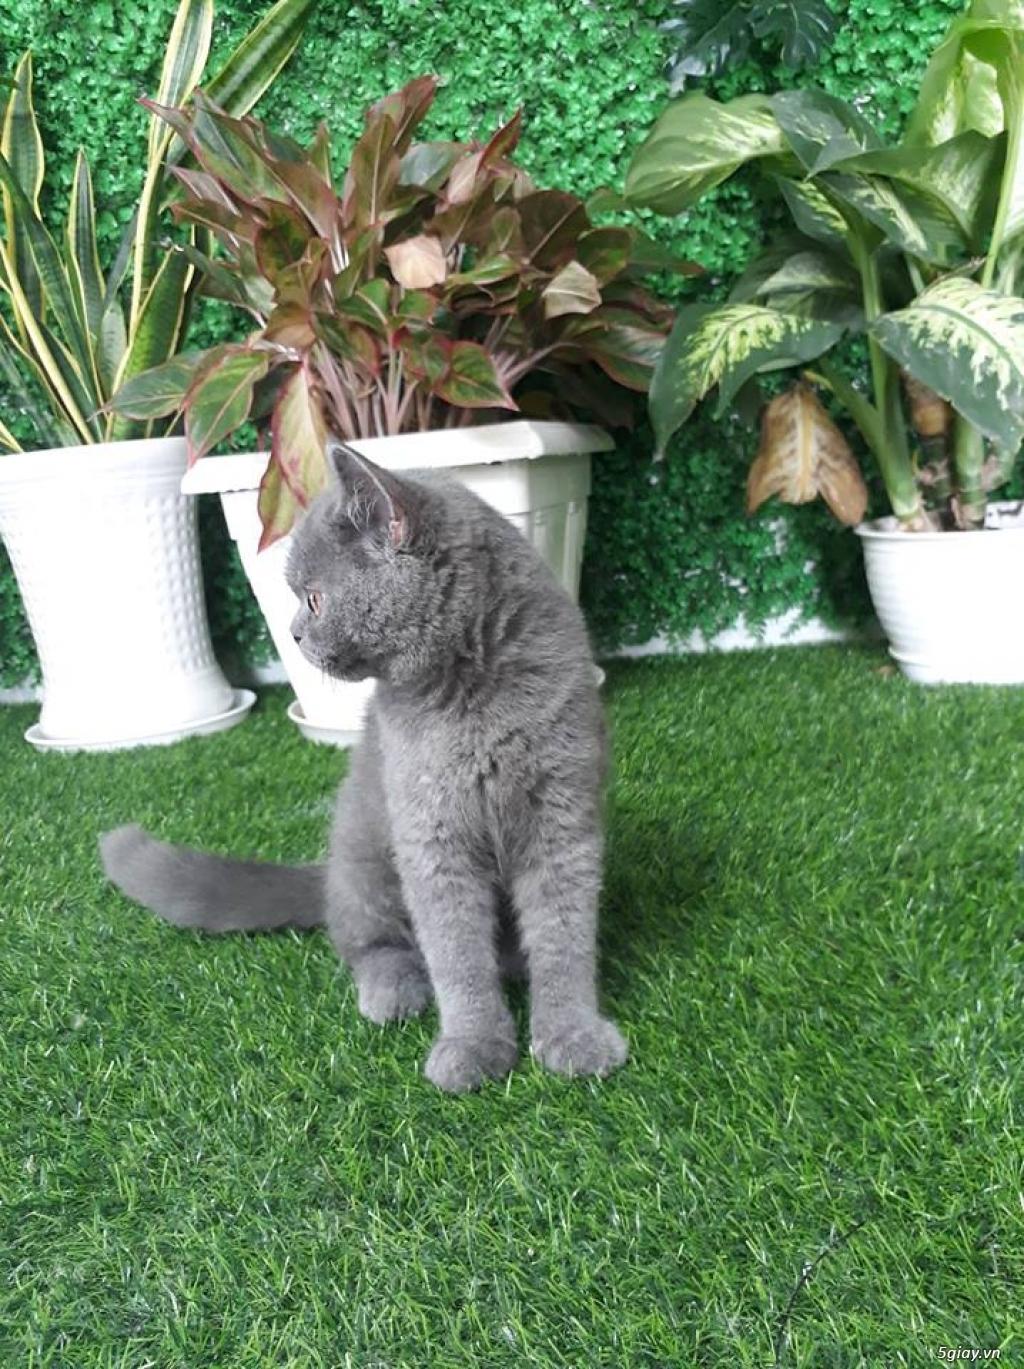 Bán 1 Pé Mèo ALN Xám Xanh 4 tháng tuổi hàng chuẩn cực cute giá tốt - 3